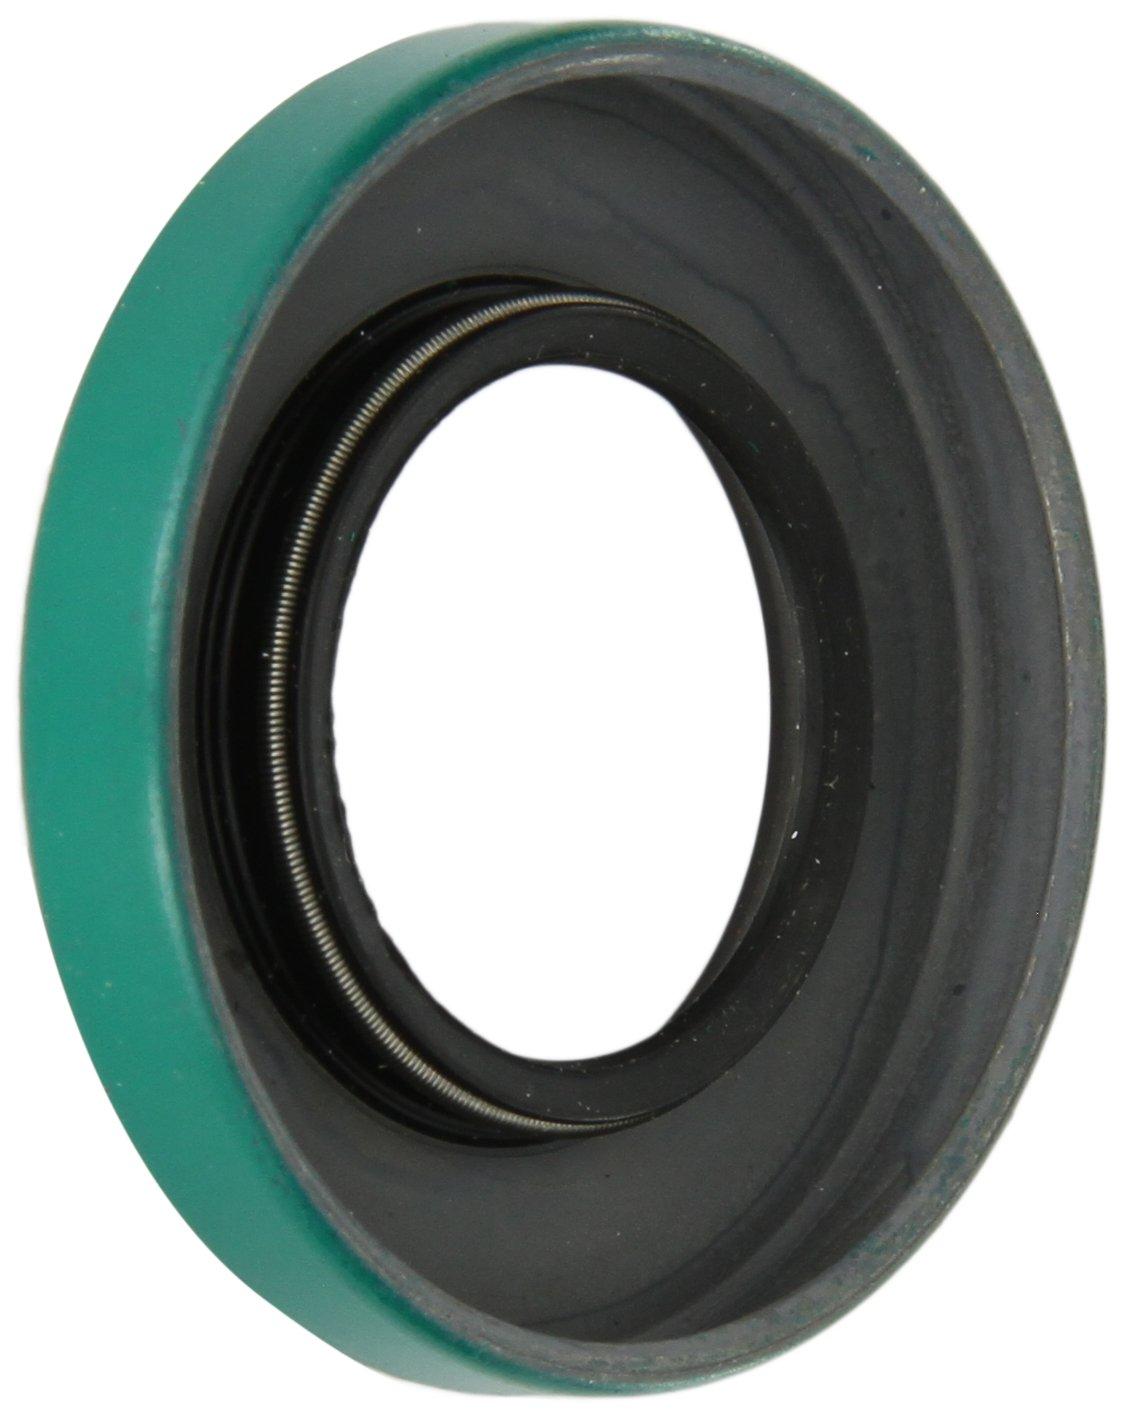 SKF 11366 LDS & Small Bore Seal, R Lip Code, CRW1 Style, Inch, 1.125' Shaft Diameter, 2.062' Bore Diameter, 0.313' Width 1.125 Shaft Diameter 2.062 Bore Diameter 0.313 Width